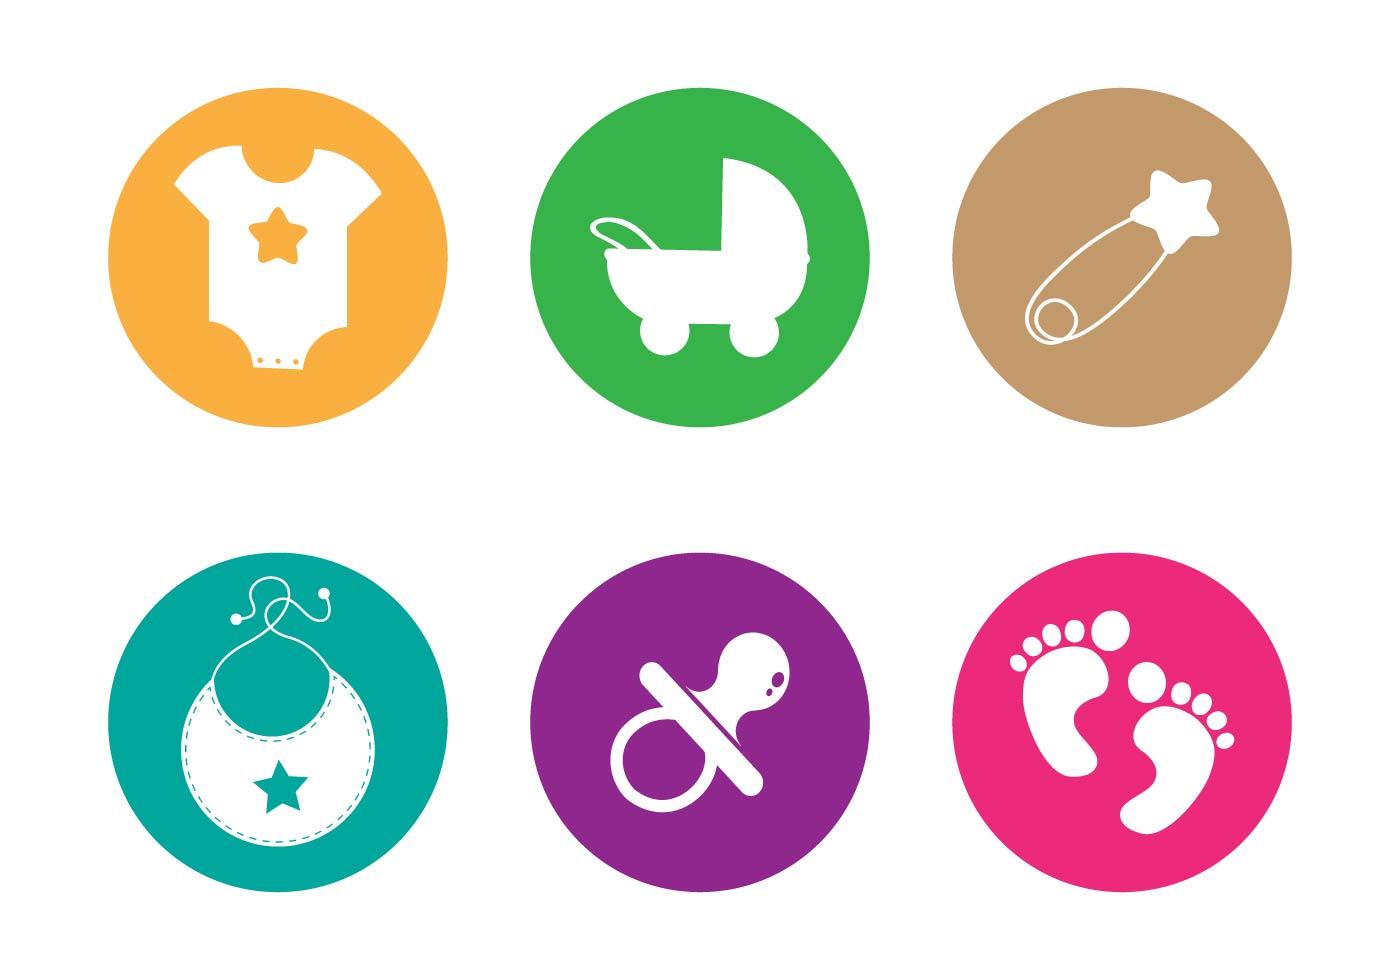 Baby Footprints Vector - Download Free Vector Art, Stock ...